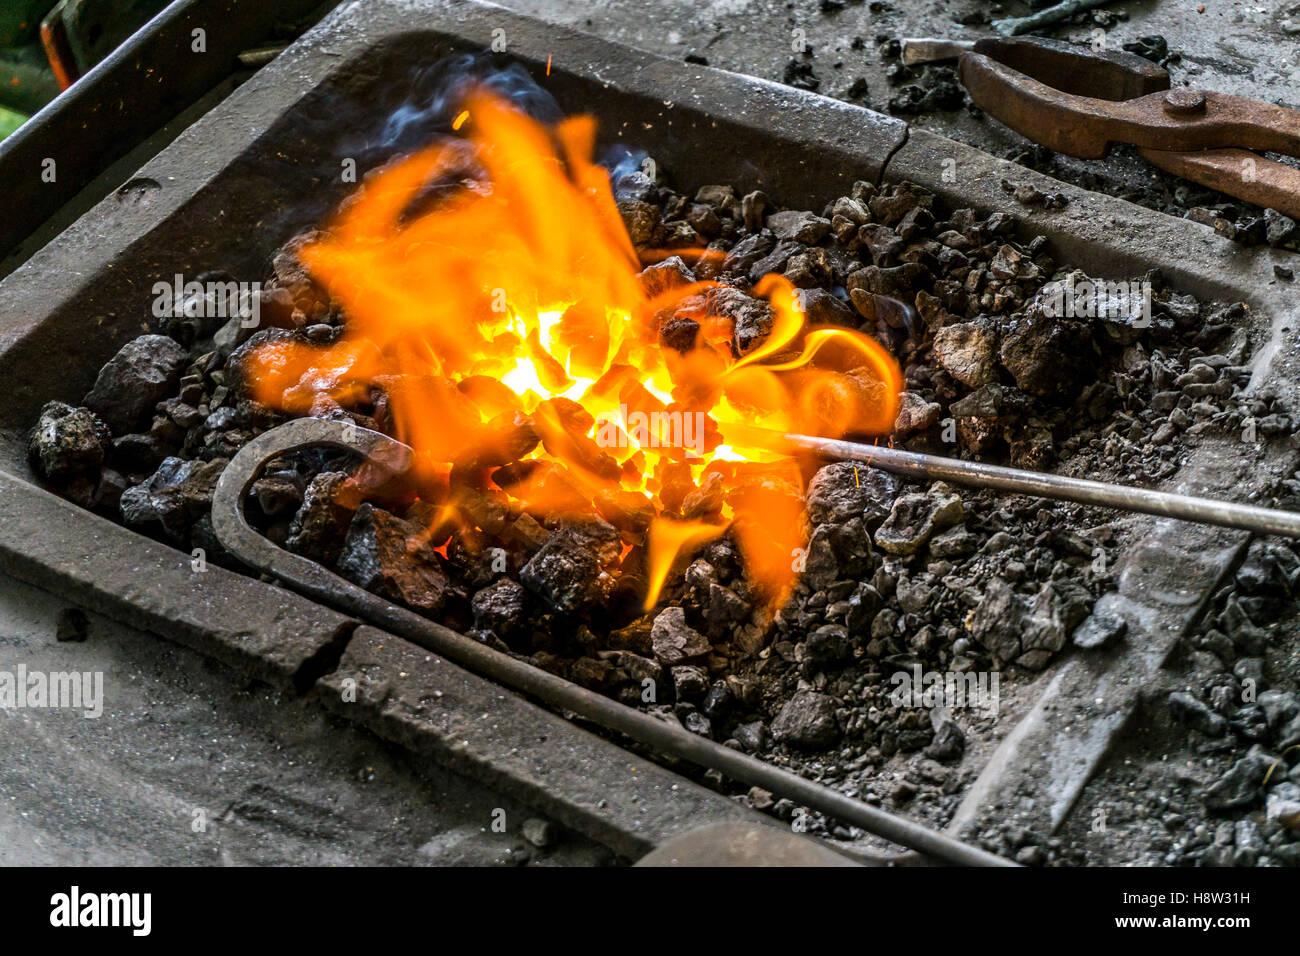 Feuer, Glut in einer Schmiede, erhitzen von einer Metallstab, um ihn später zu schmieden, Holzkohlefeuer, - Stock Image